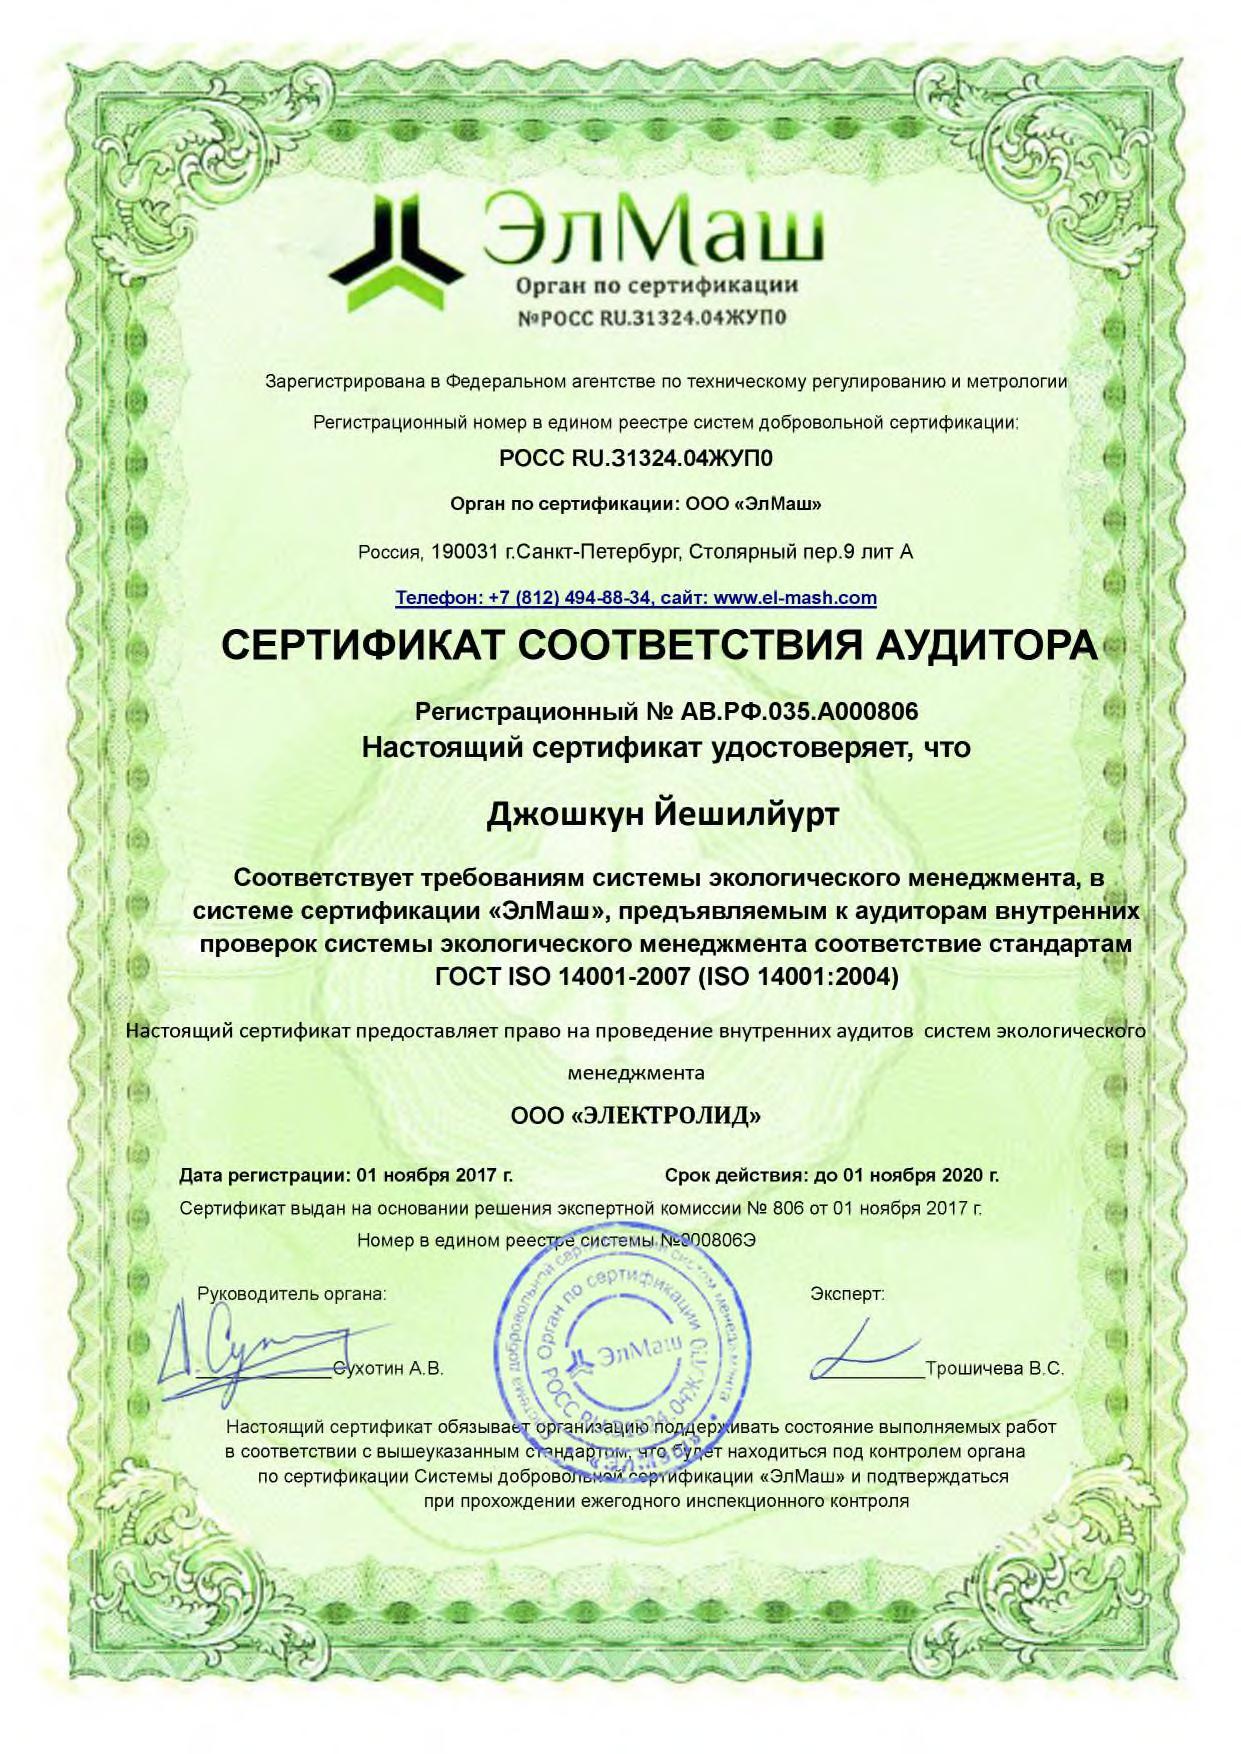 Сертификат соответствия аудитора Джошкун Йешилйурт